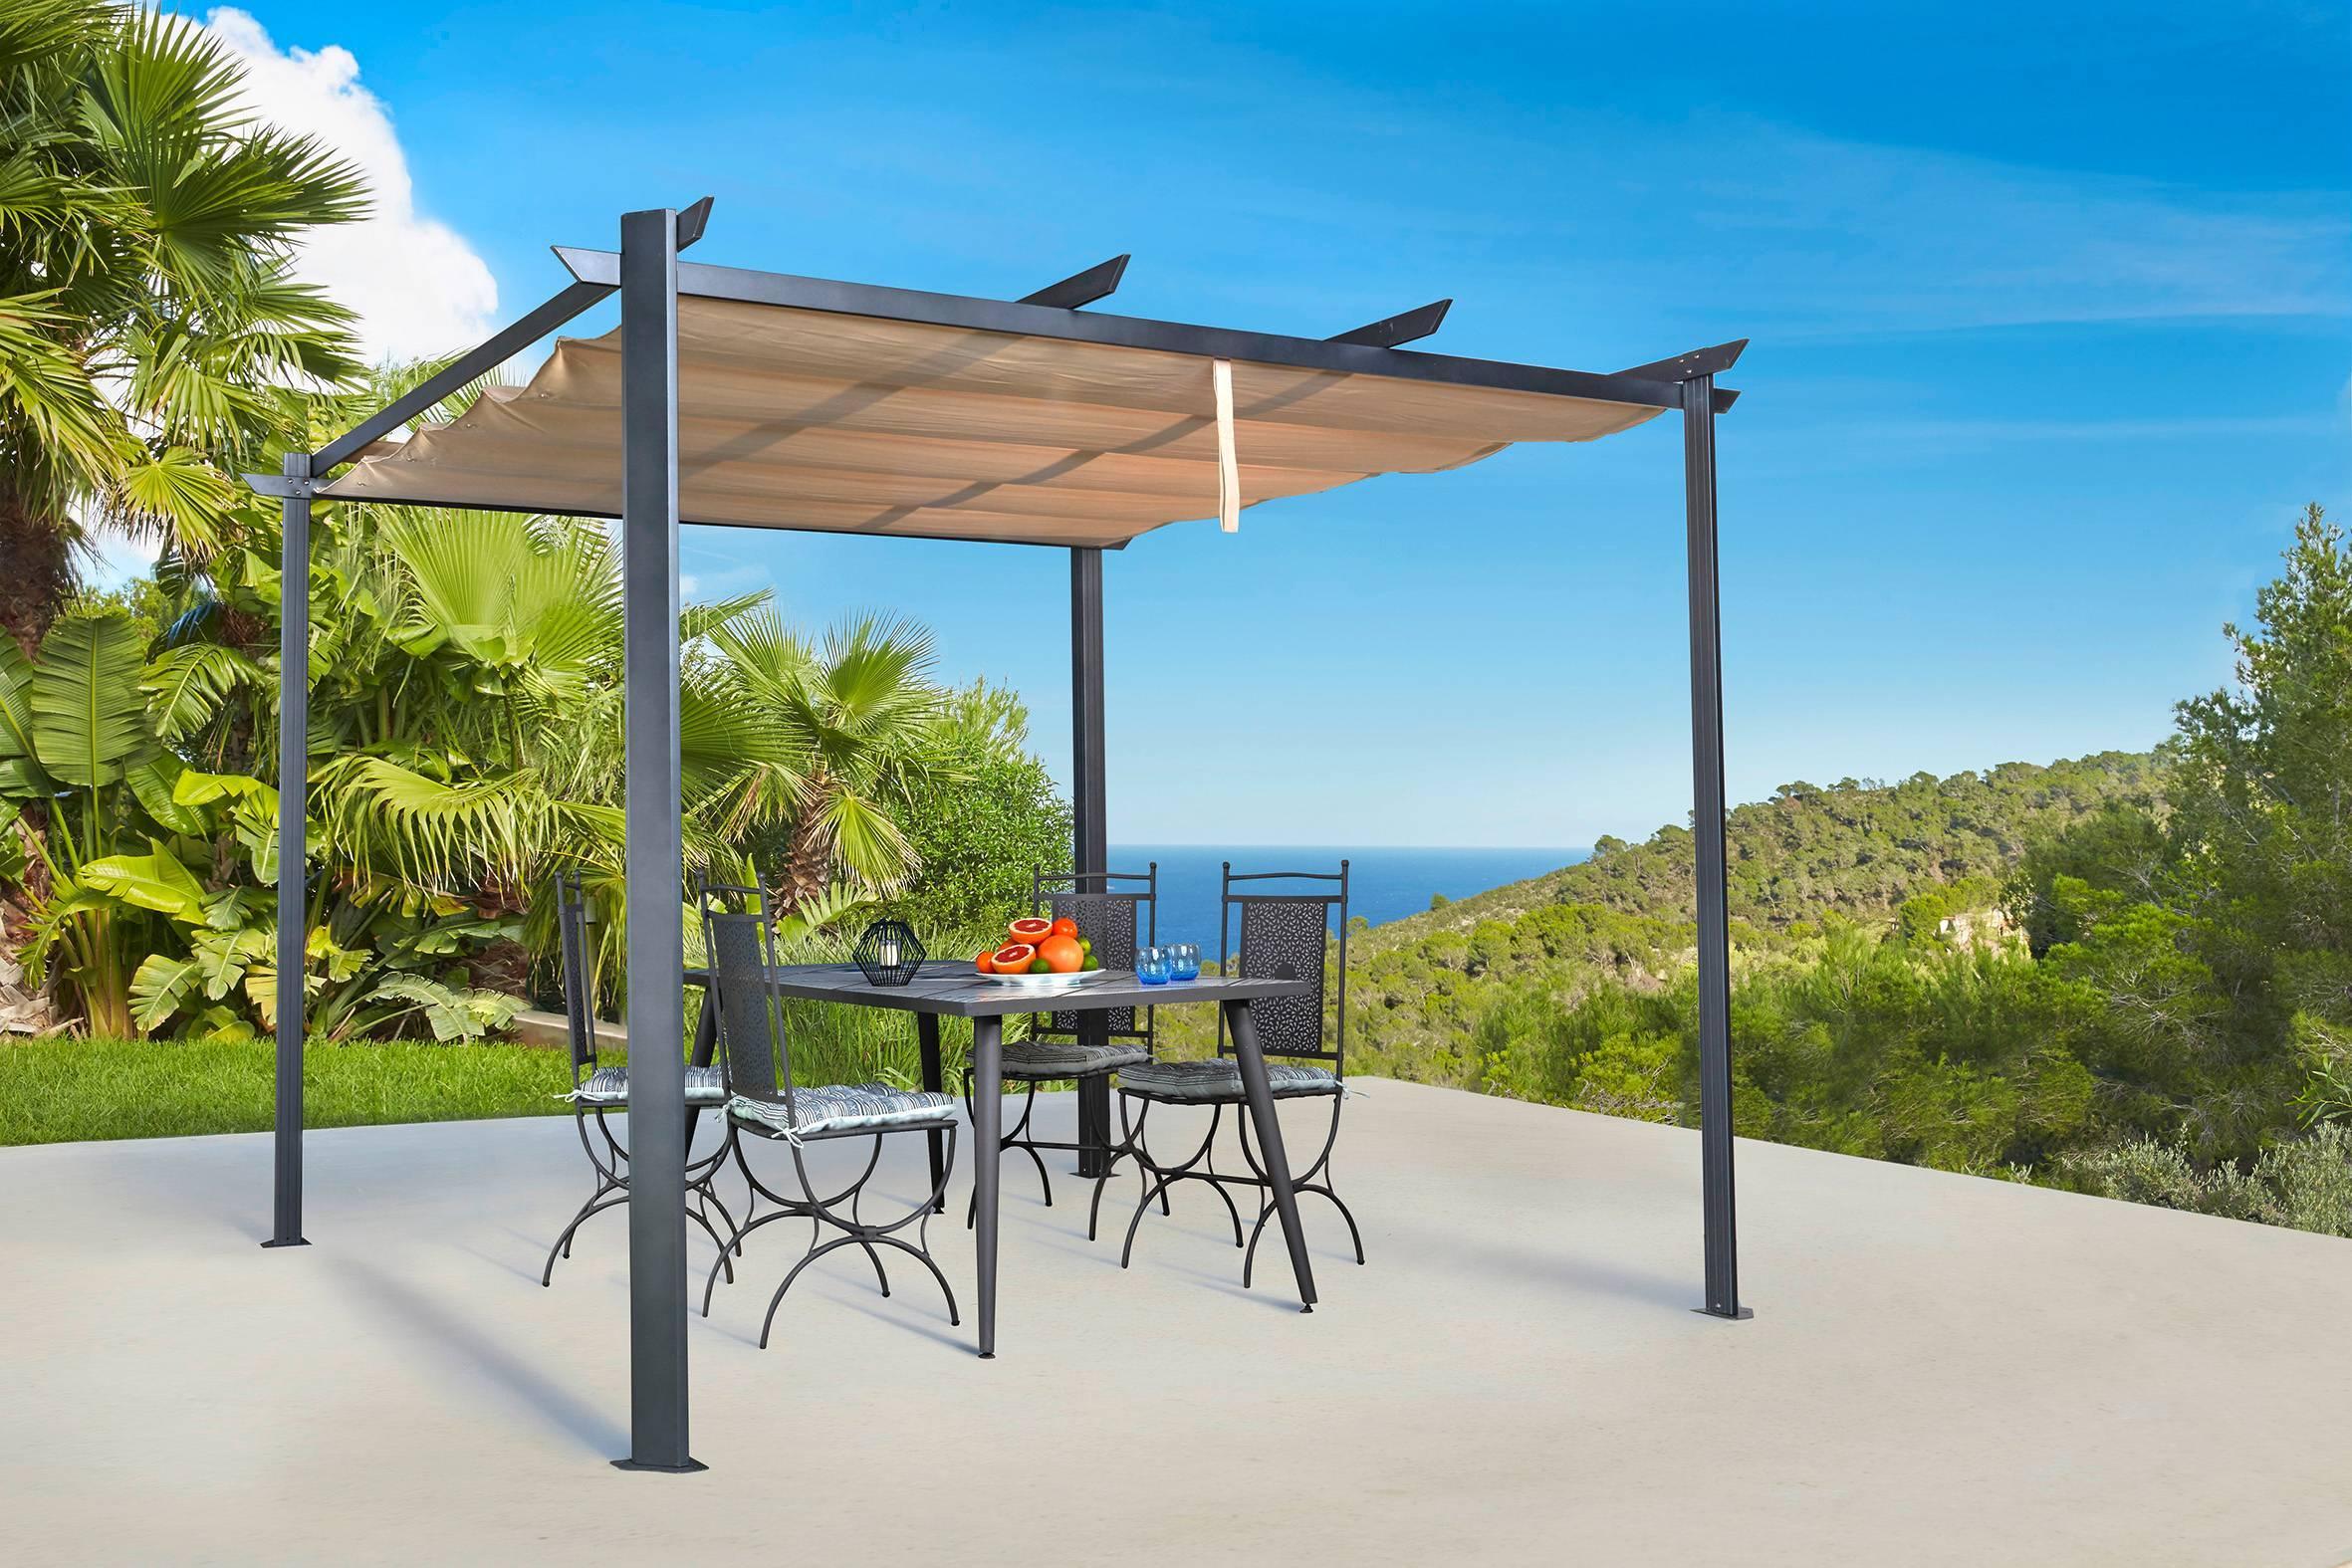 tonnelle retractable pas cher tonnelle de jardin toile rideau fabricant rideaux pour tonnelle. Black Bedroom Furniture Sets. Home Design Ideas